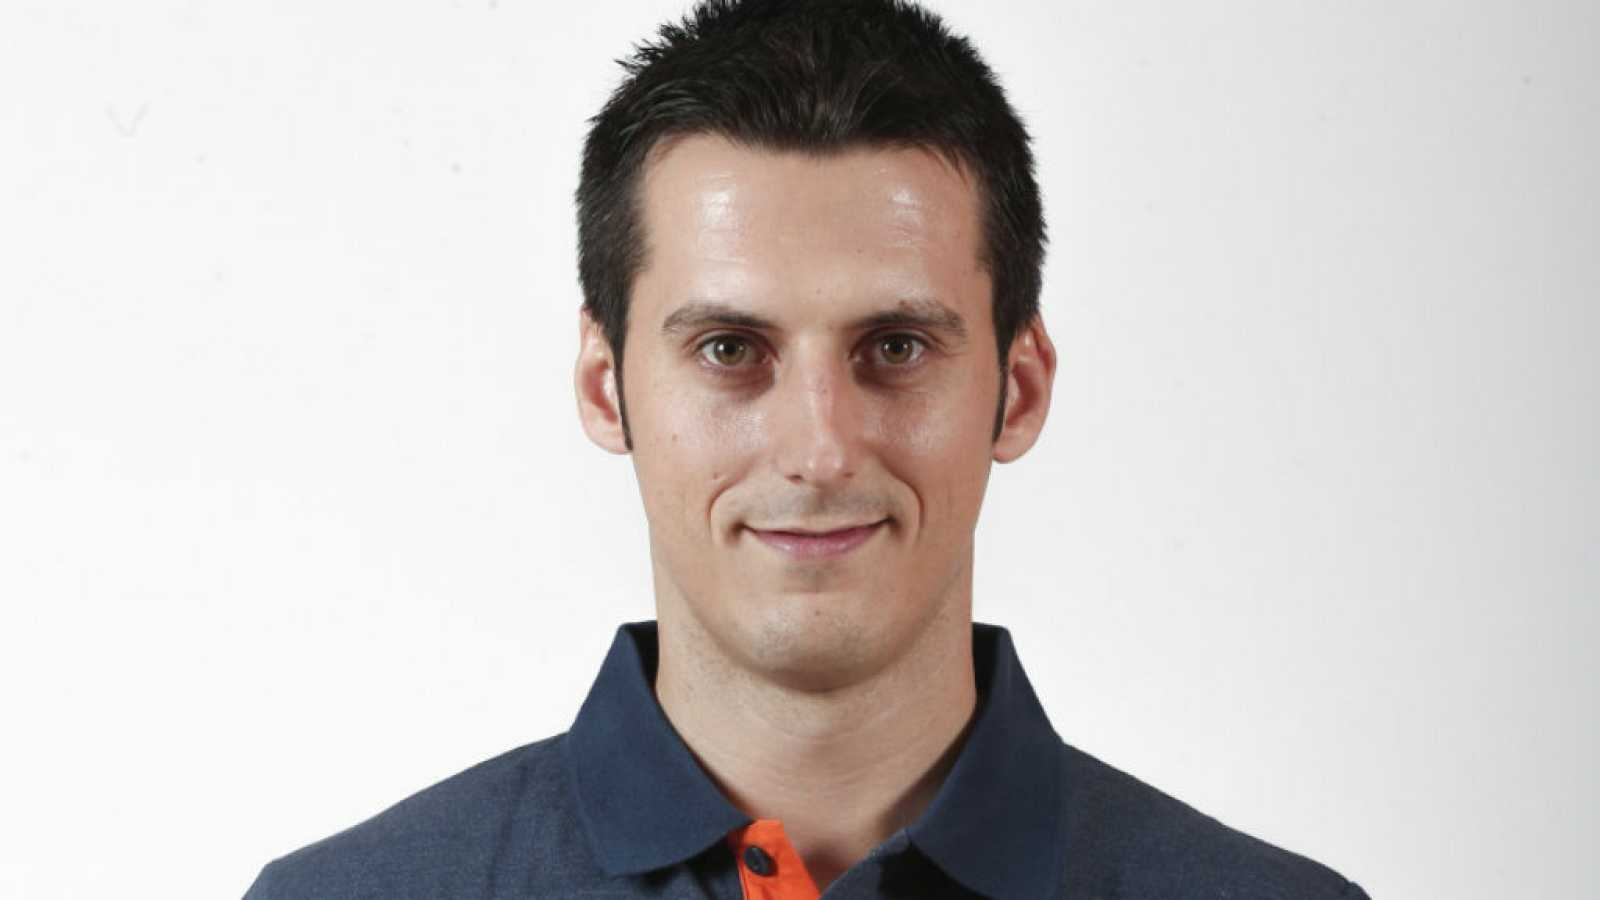 Me gusta - ¡Nos gusta Jordán Sospdedra!, fisioterapeuta de la Selección Española de Baloncesto - 22/09/19 - Escuchar ahora